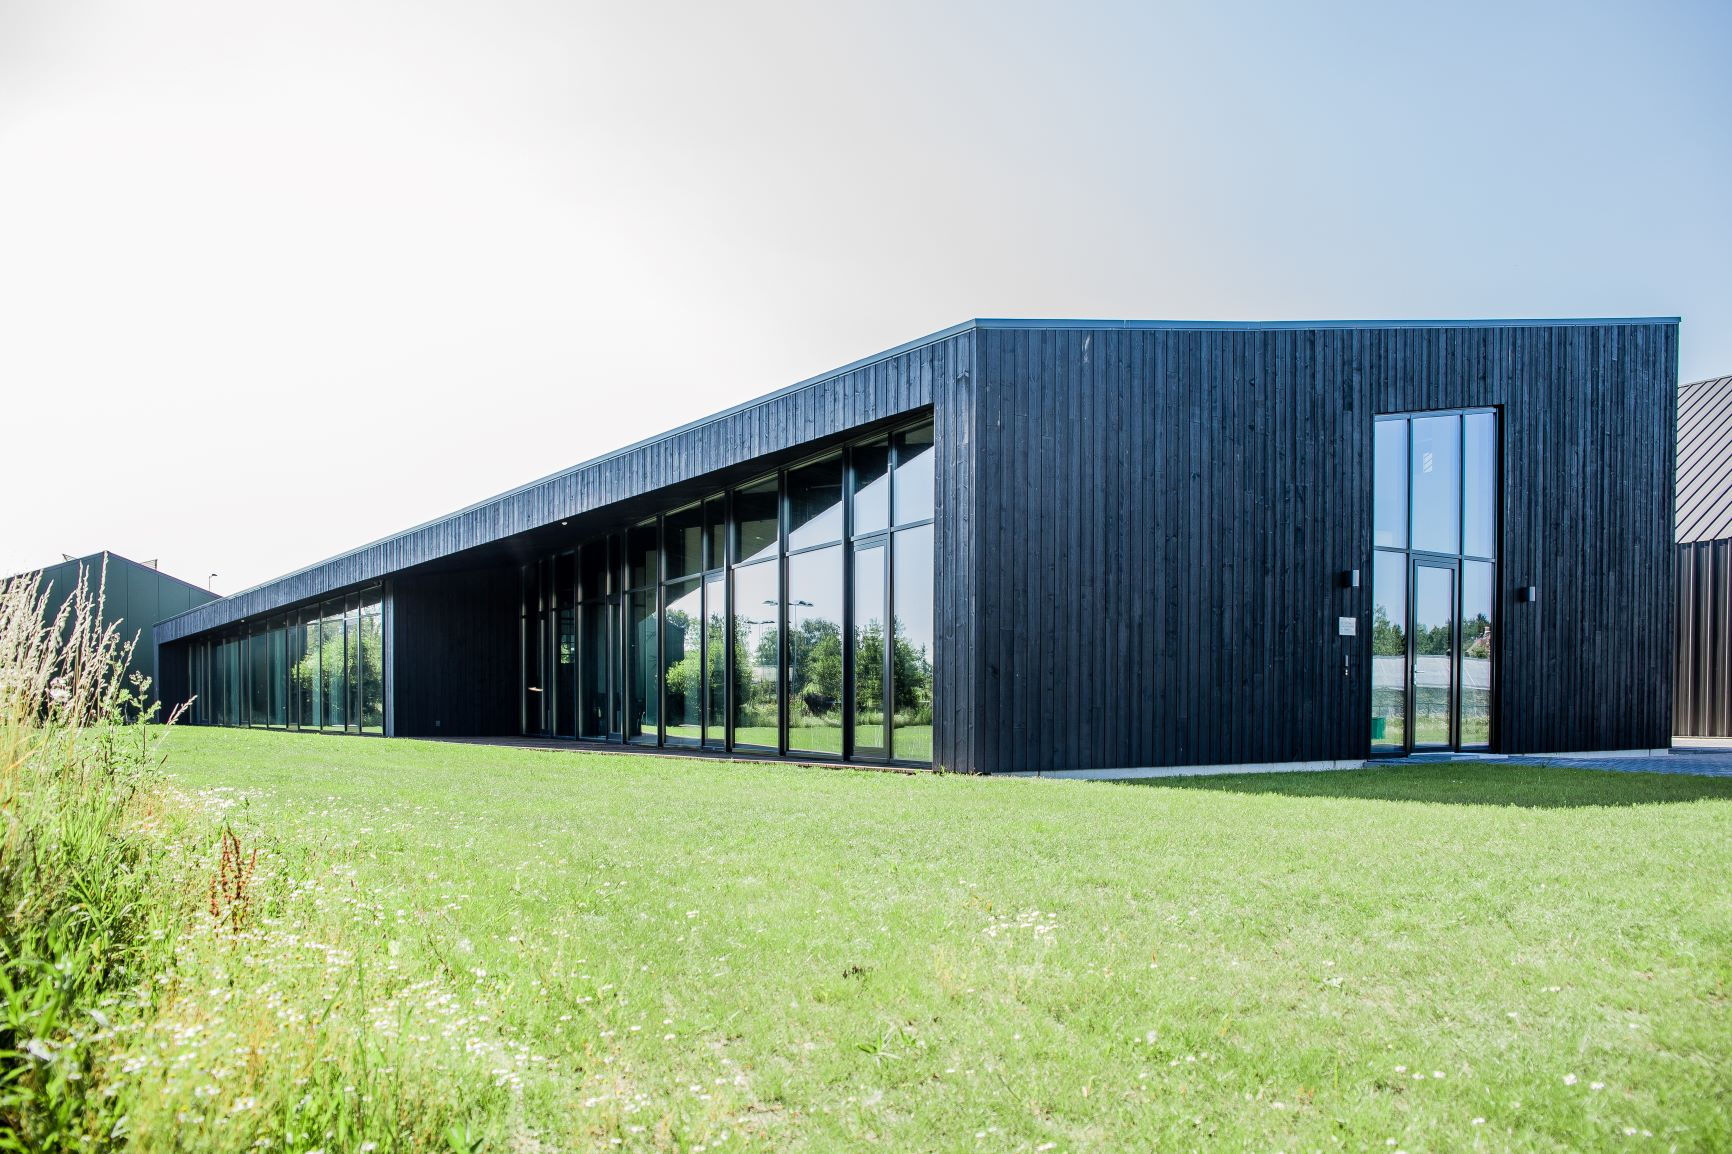 Boersema Installatie Adviseurs Hogeweg 229c Amersfoort